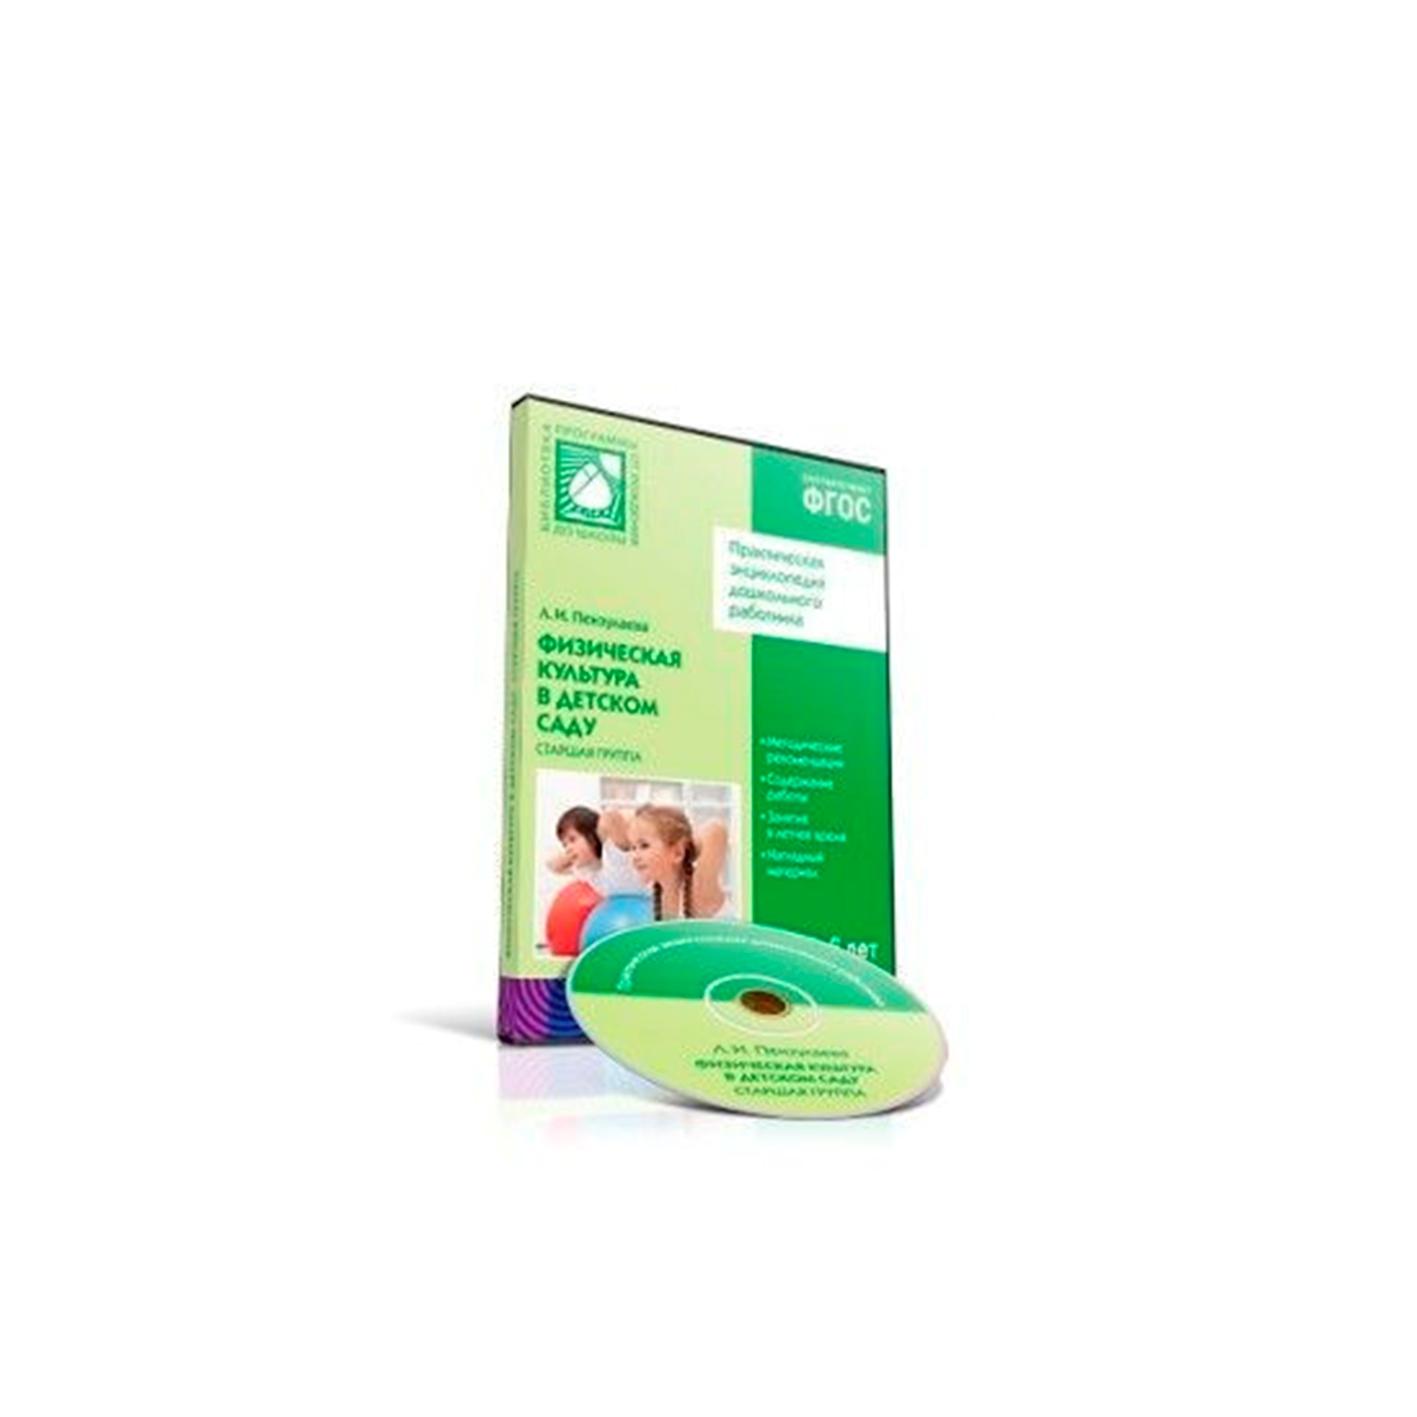 Купить CD-диск с обучающей программой – Физическая культура в детском саду, 5-6 лет, старшая группа, Мозаика-Синтез